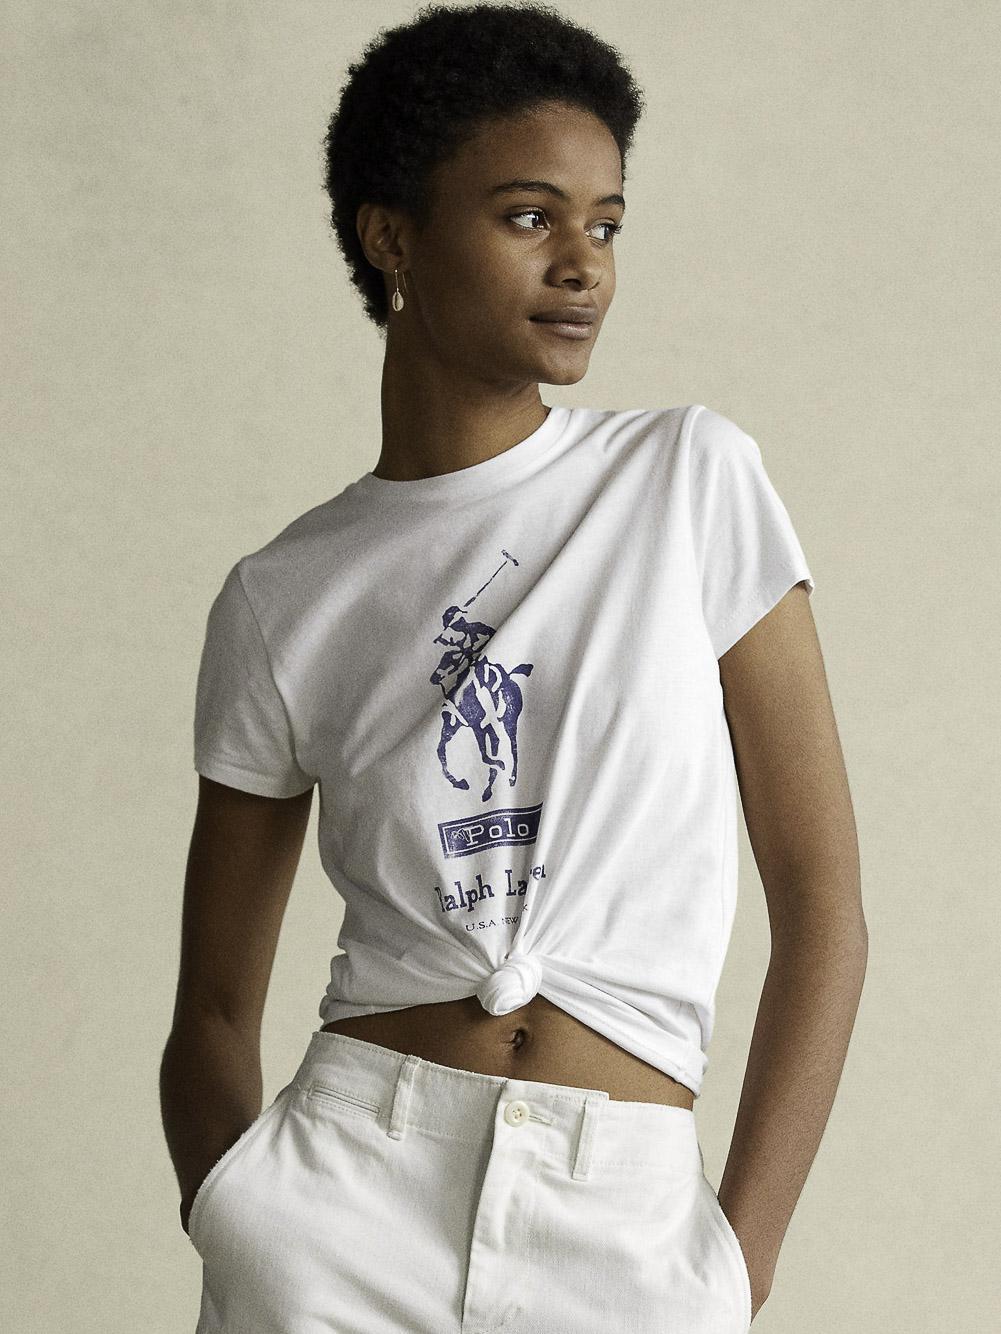 POLO RALPH LAUREN Μπλούζα T-Shirt 211838131002 ΛΕΥΚΟ